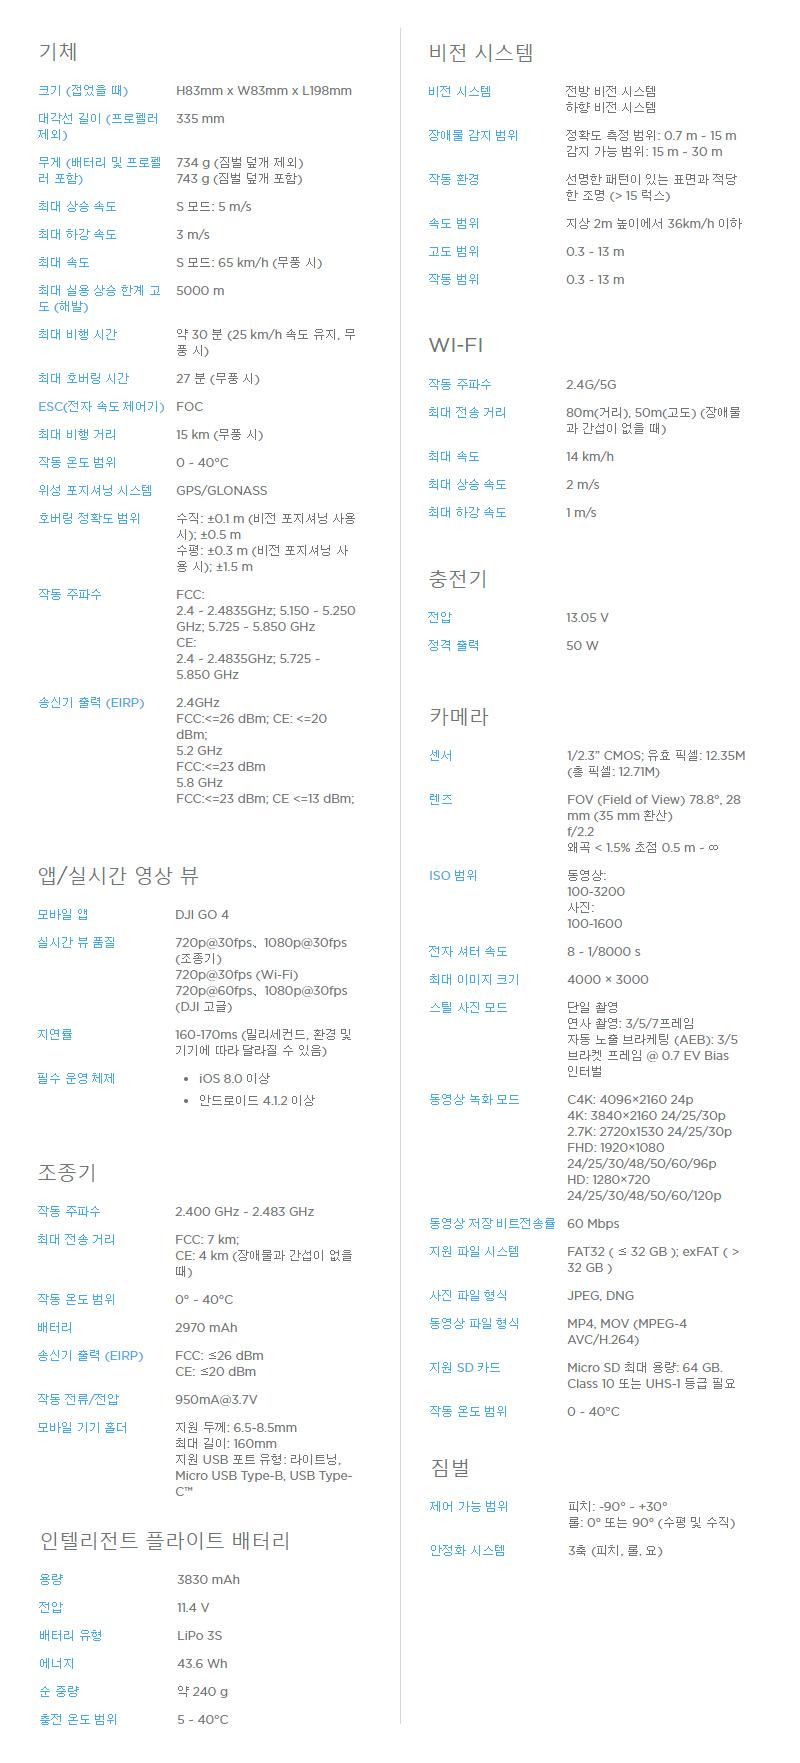 매빅 플래티넘, mavic platinum, 매빅 신제품, dji, 제이씨현시스템